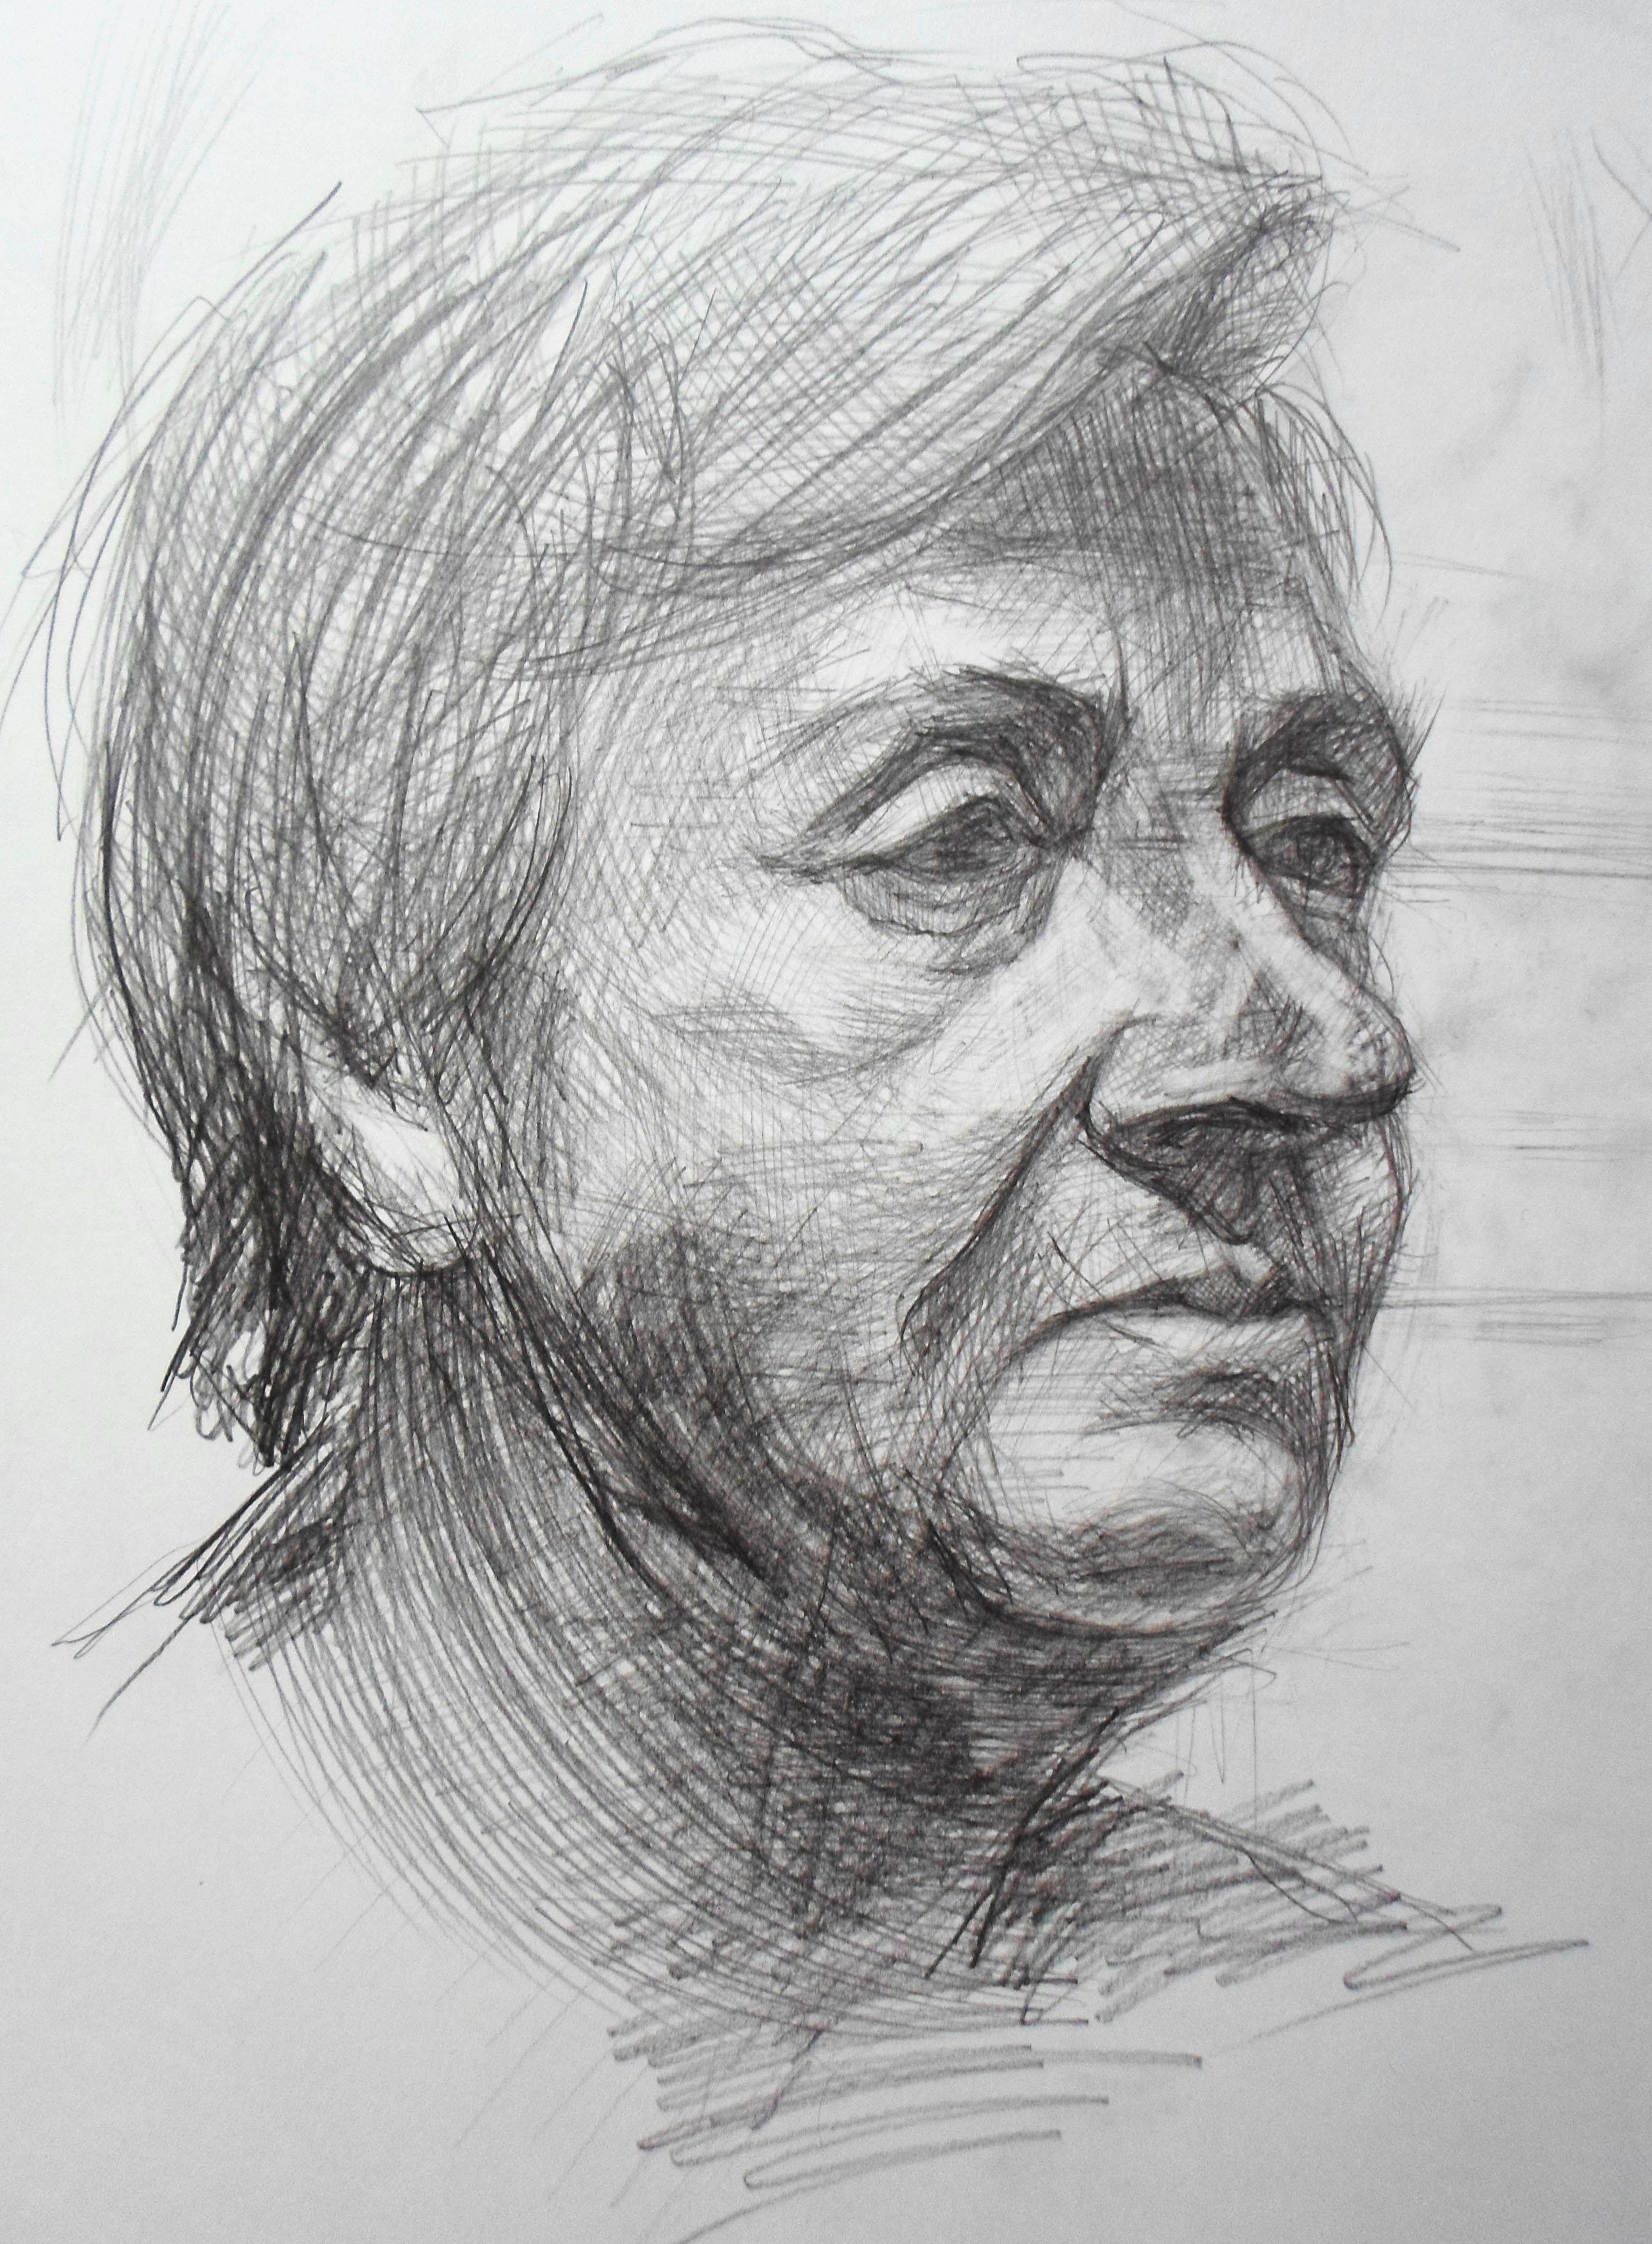 изобразительное женщина карандаш портрет современное искусство